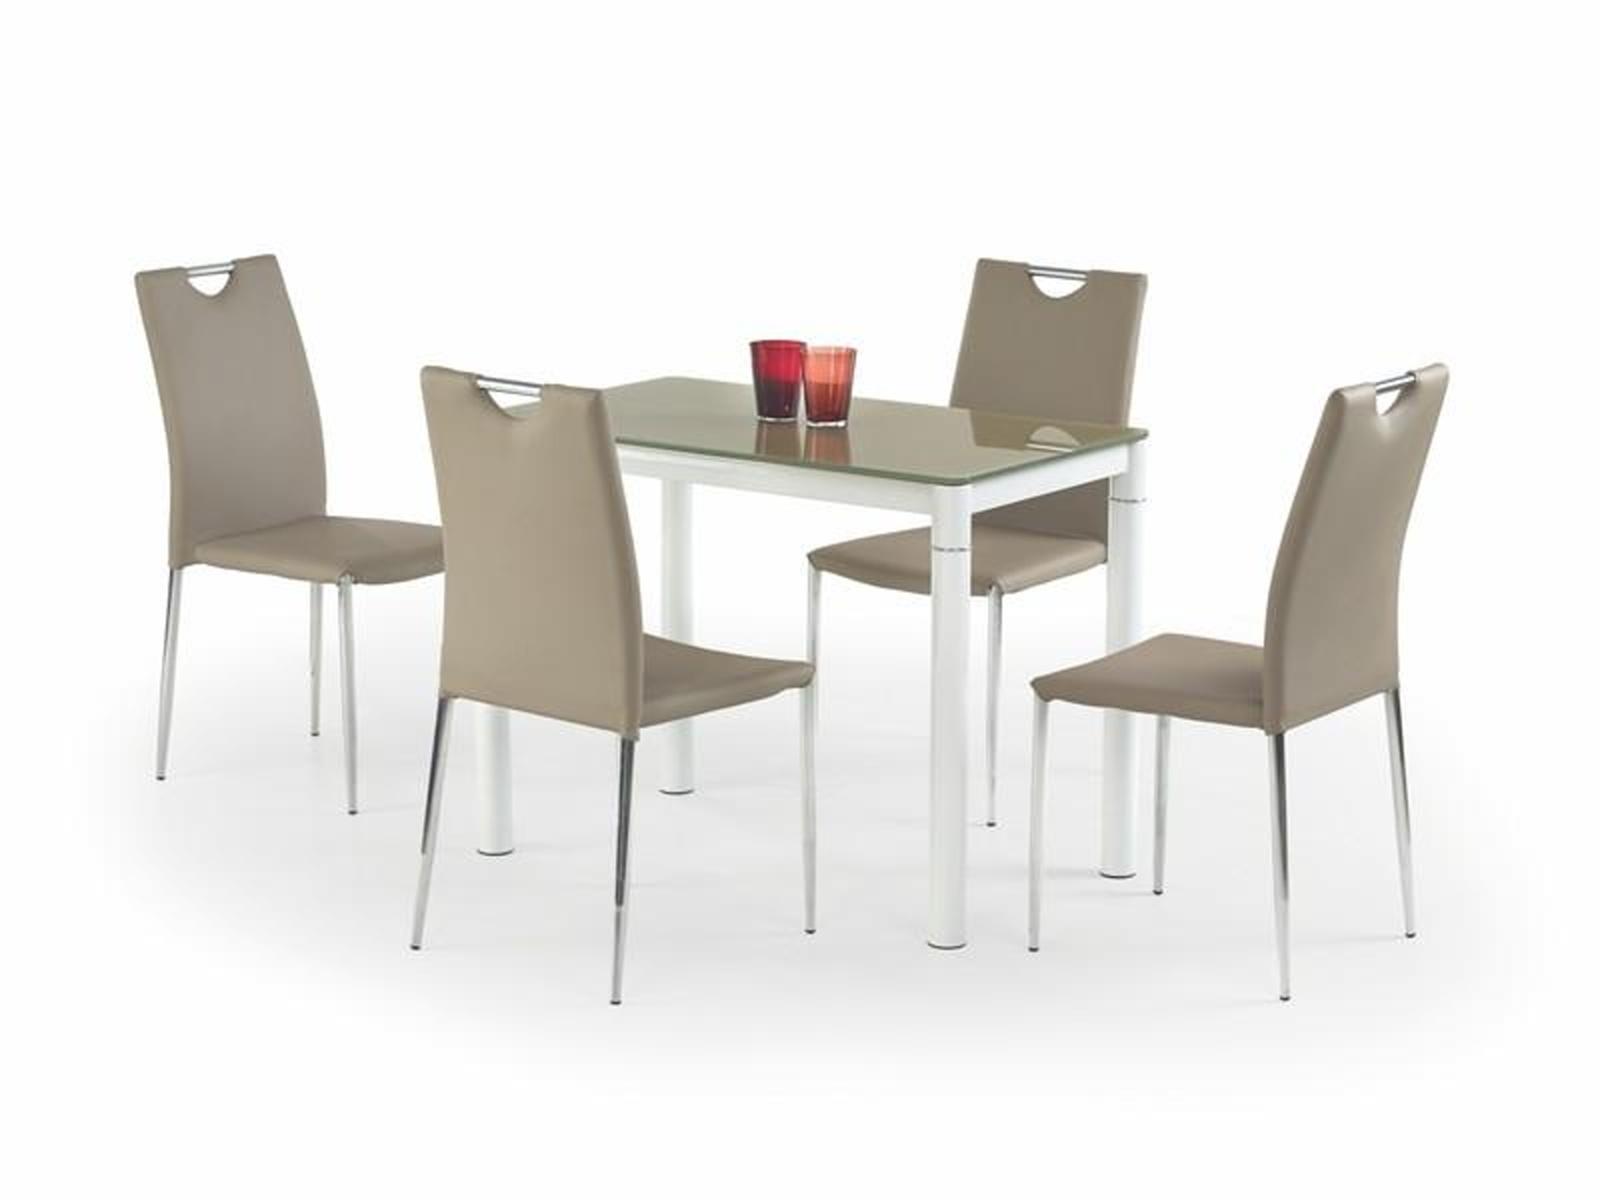 Halmar Jídelní stůl ARGUS, béžová/bílá, kov/sklo